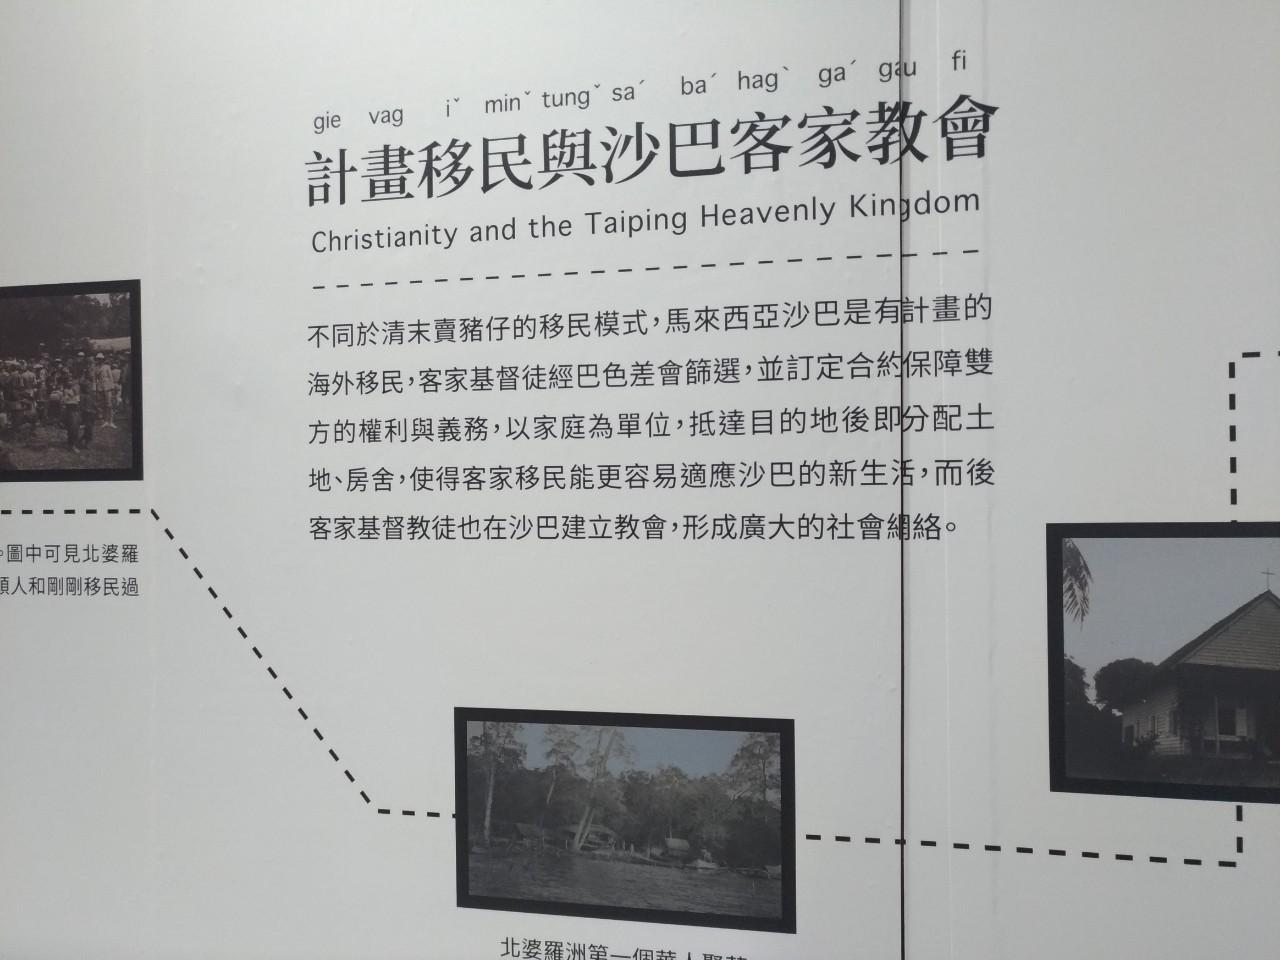 清明連假到台灣客家文化館看展覽--「客家與基督教相遇」及「客居南洋─新加坡客家」